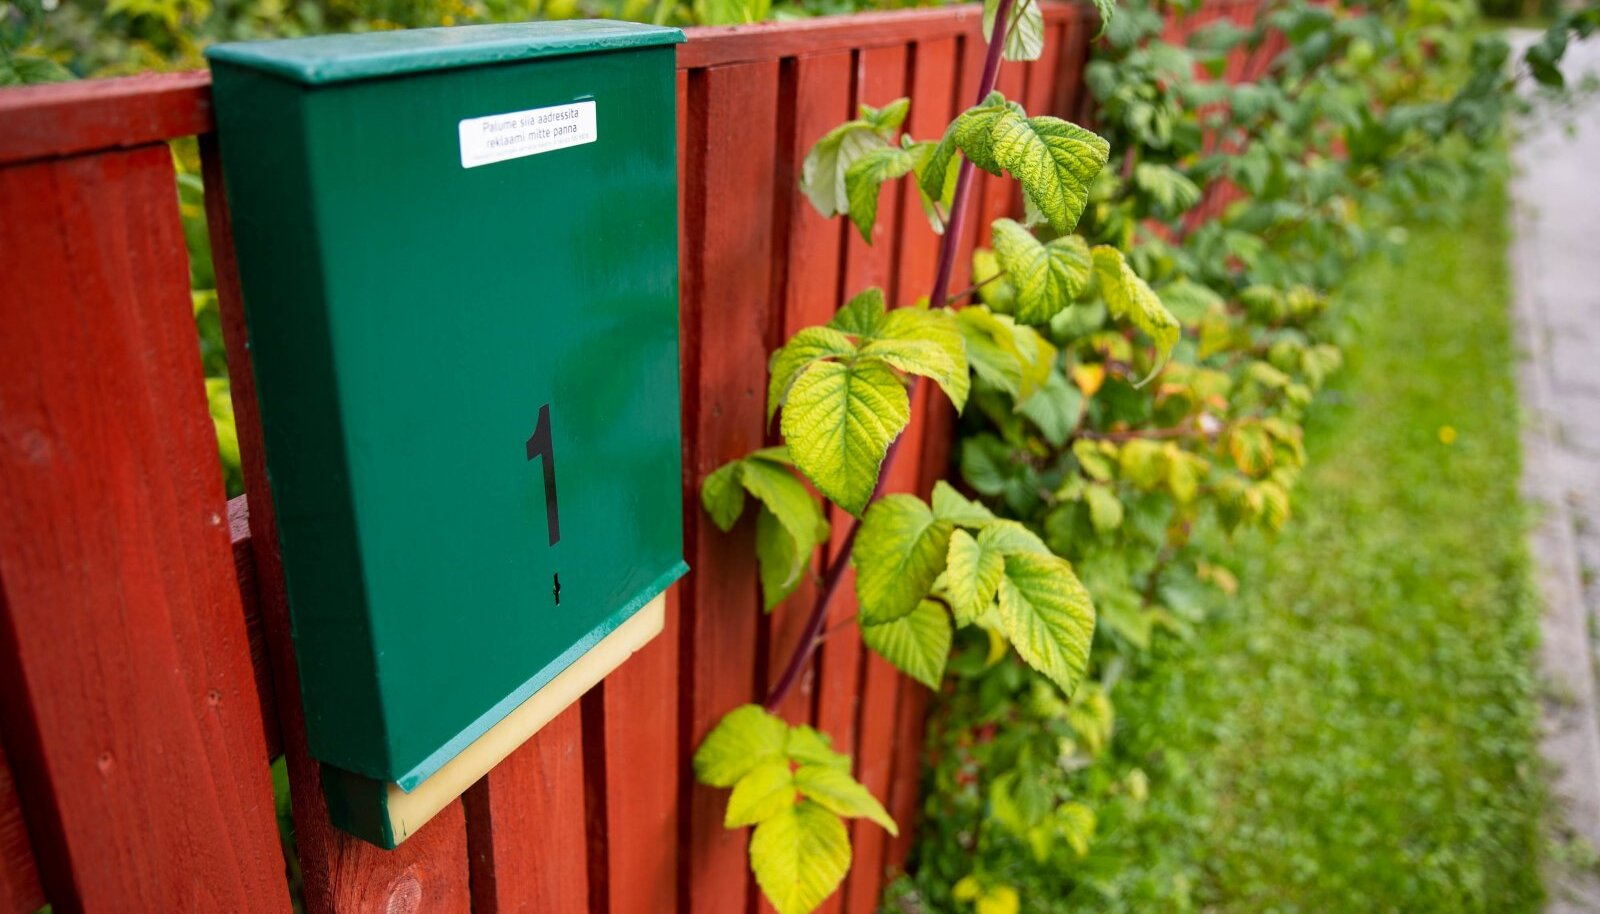 Postkast